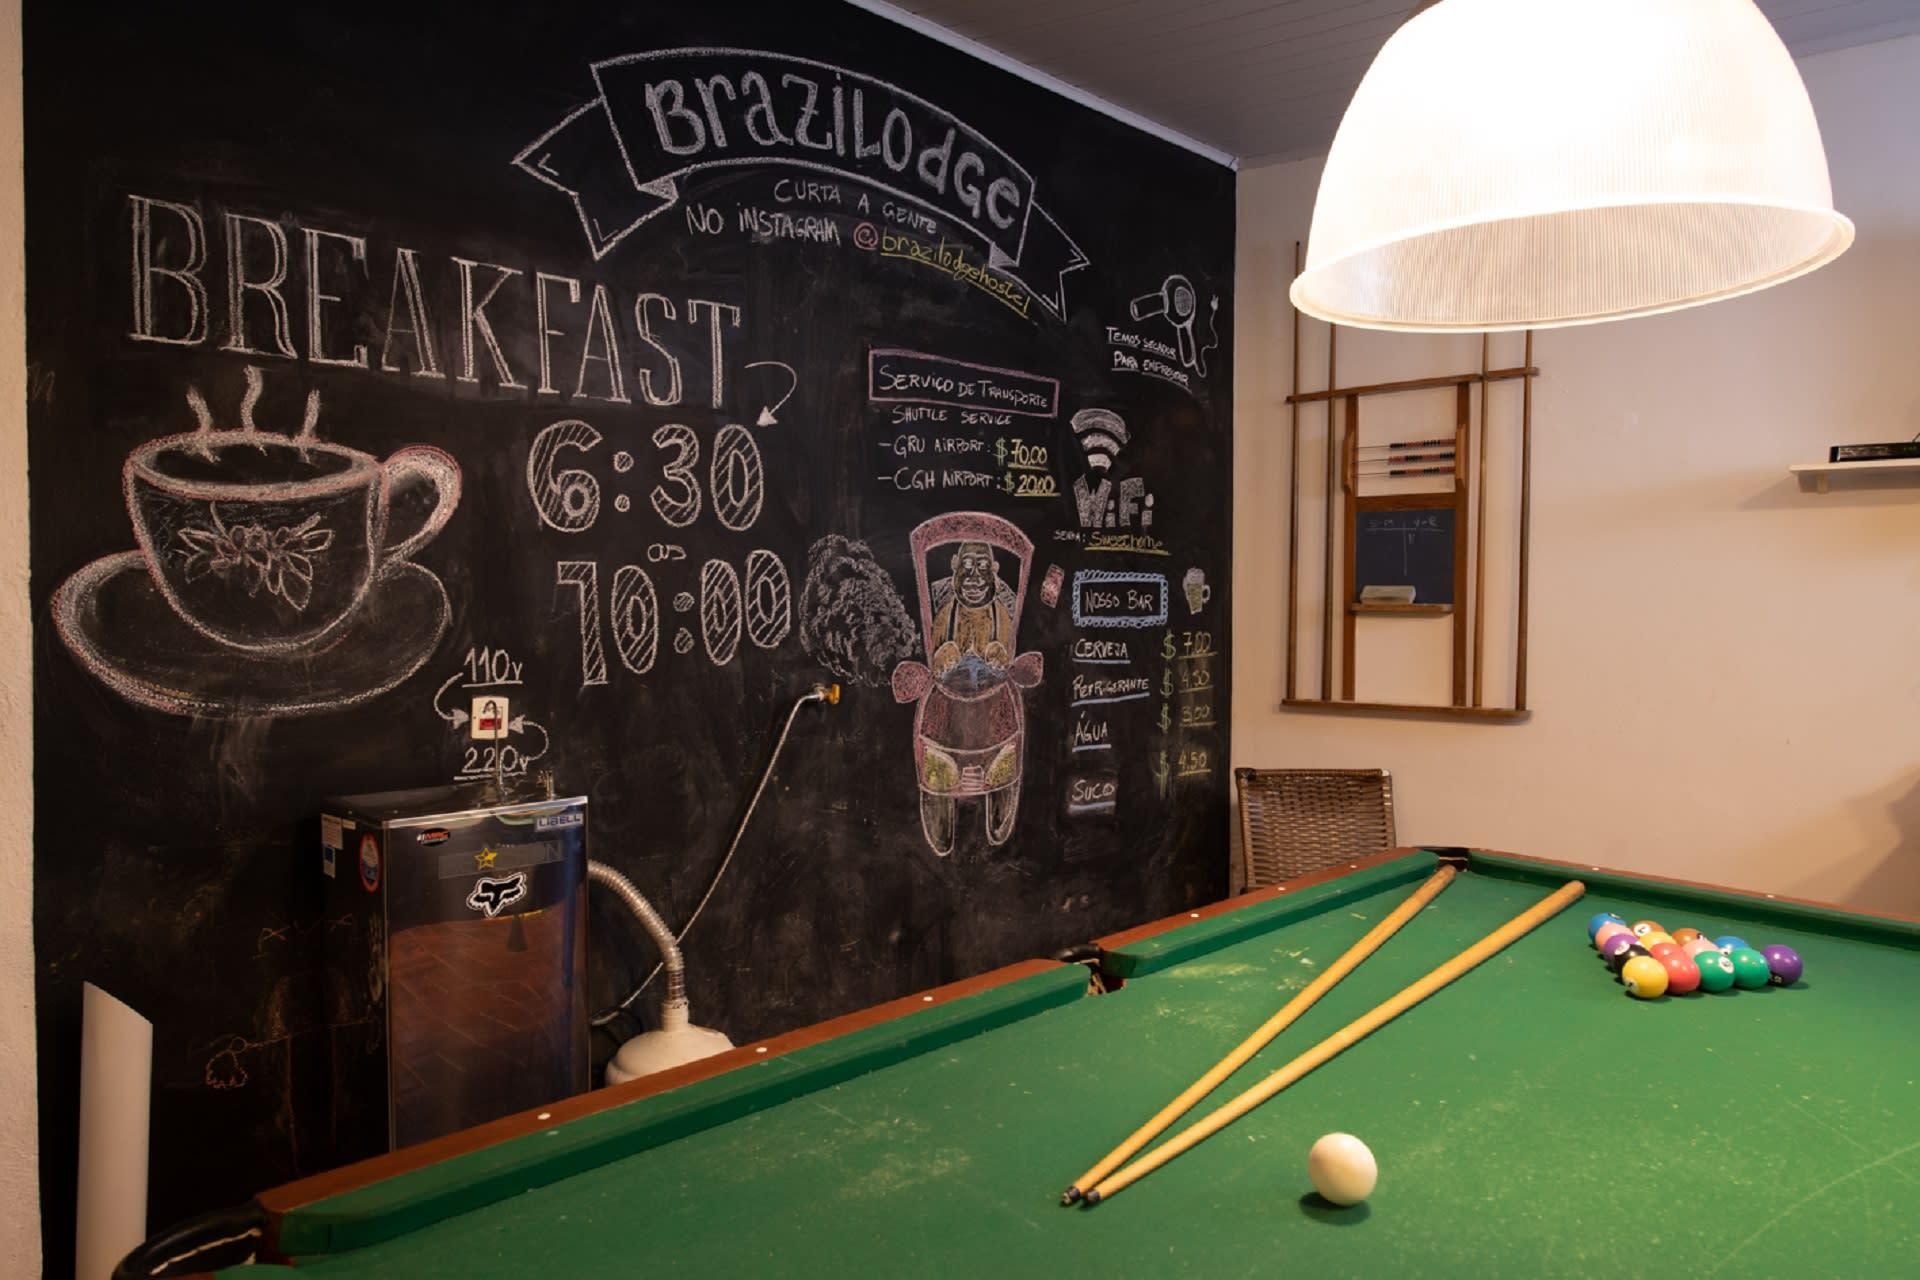 HOSTEL - Brazilodge All Suites Hostel